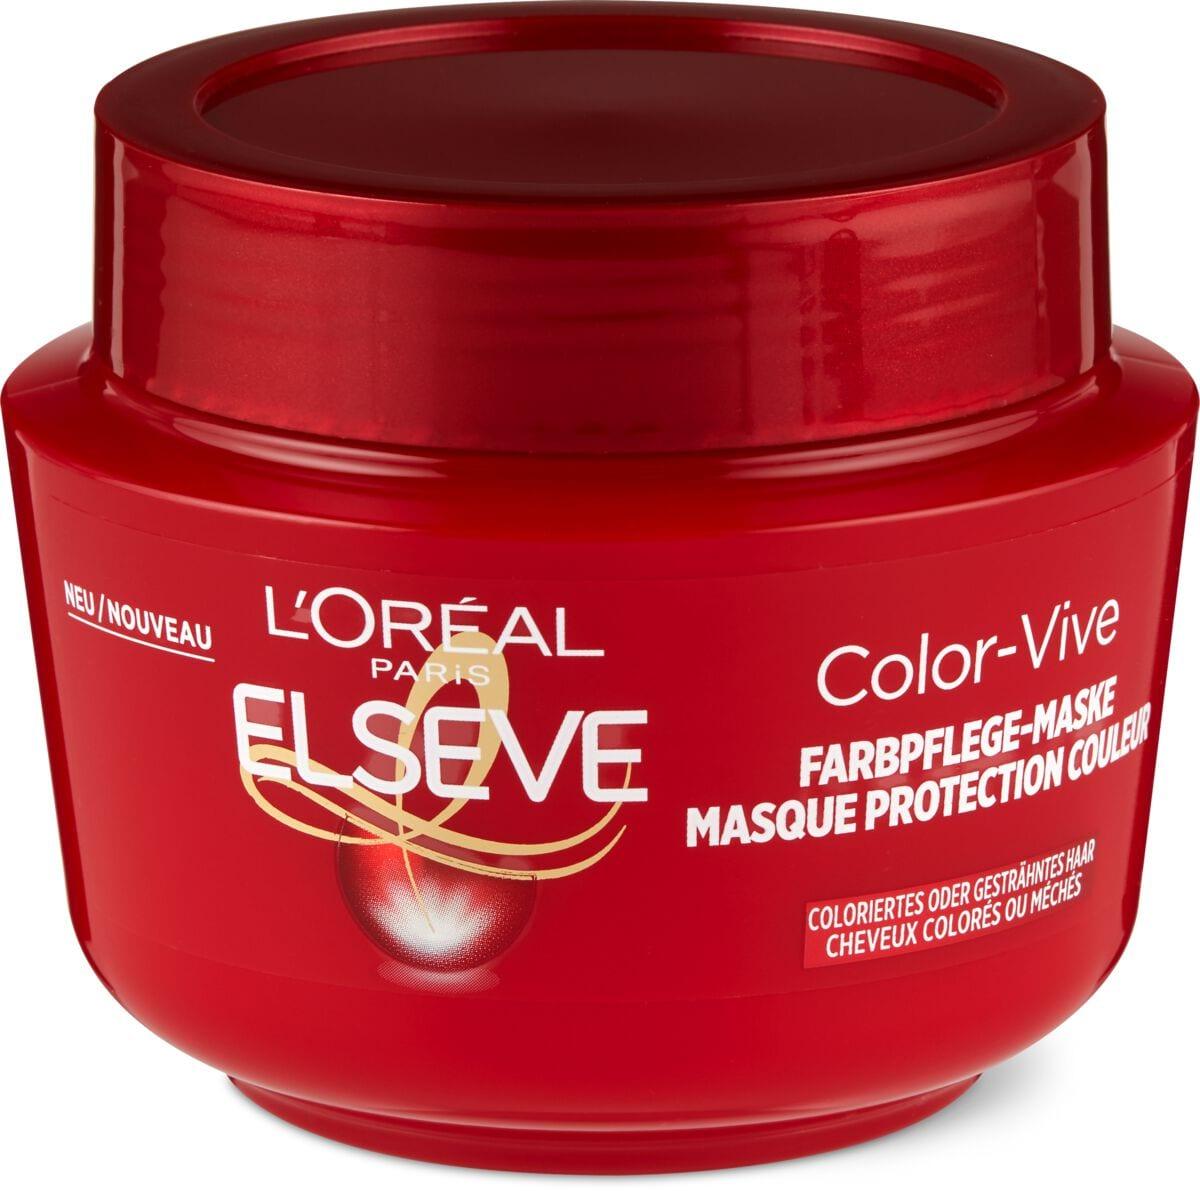 L'Oréal Elseve Maschera Color-Vive